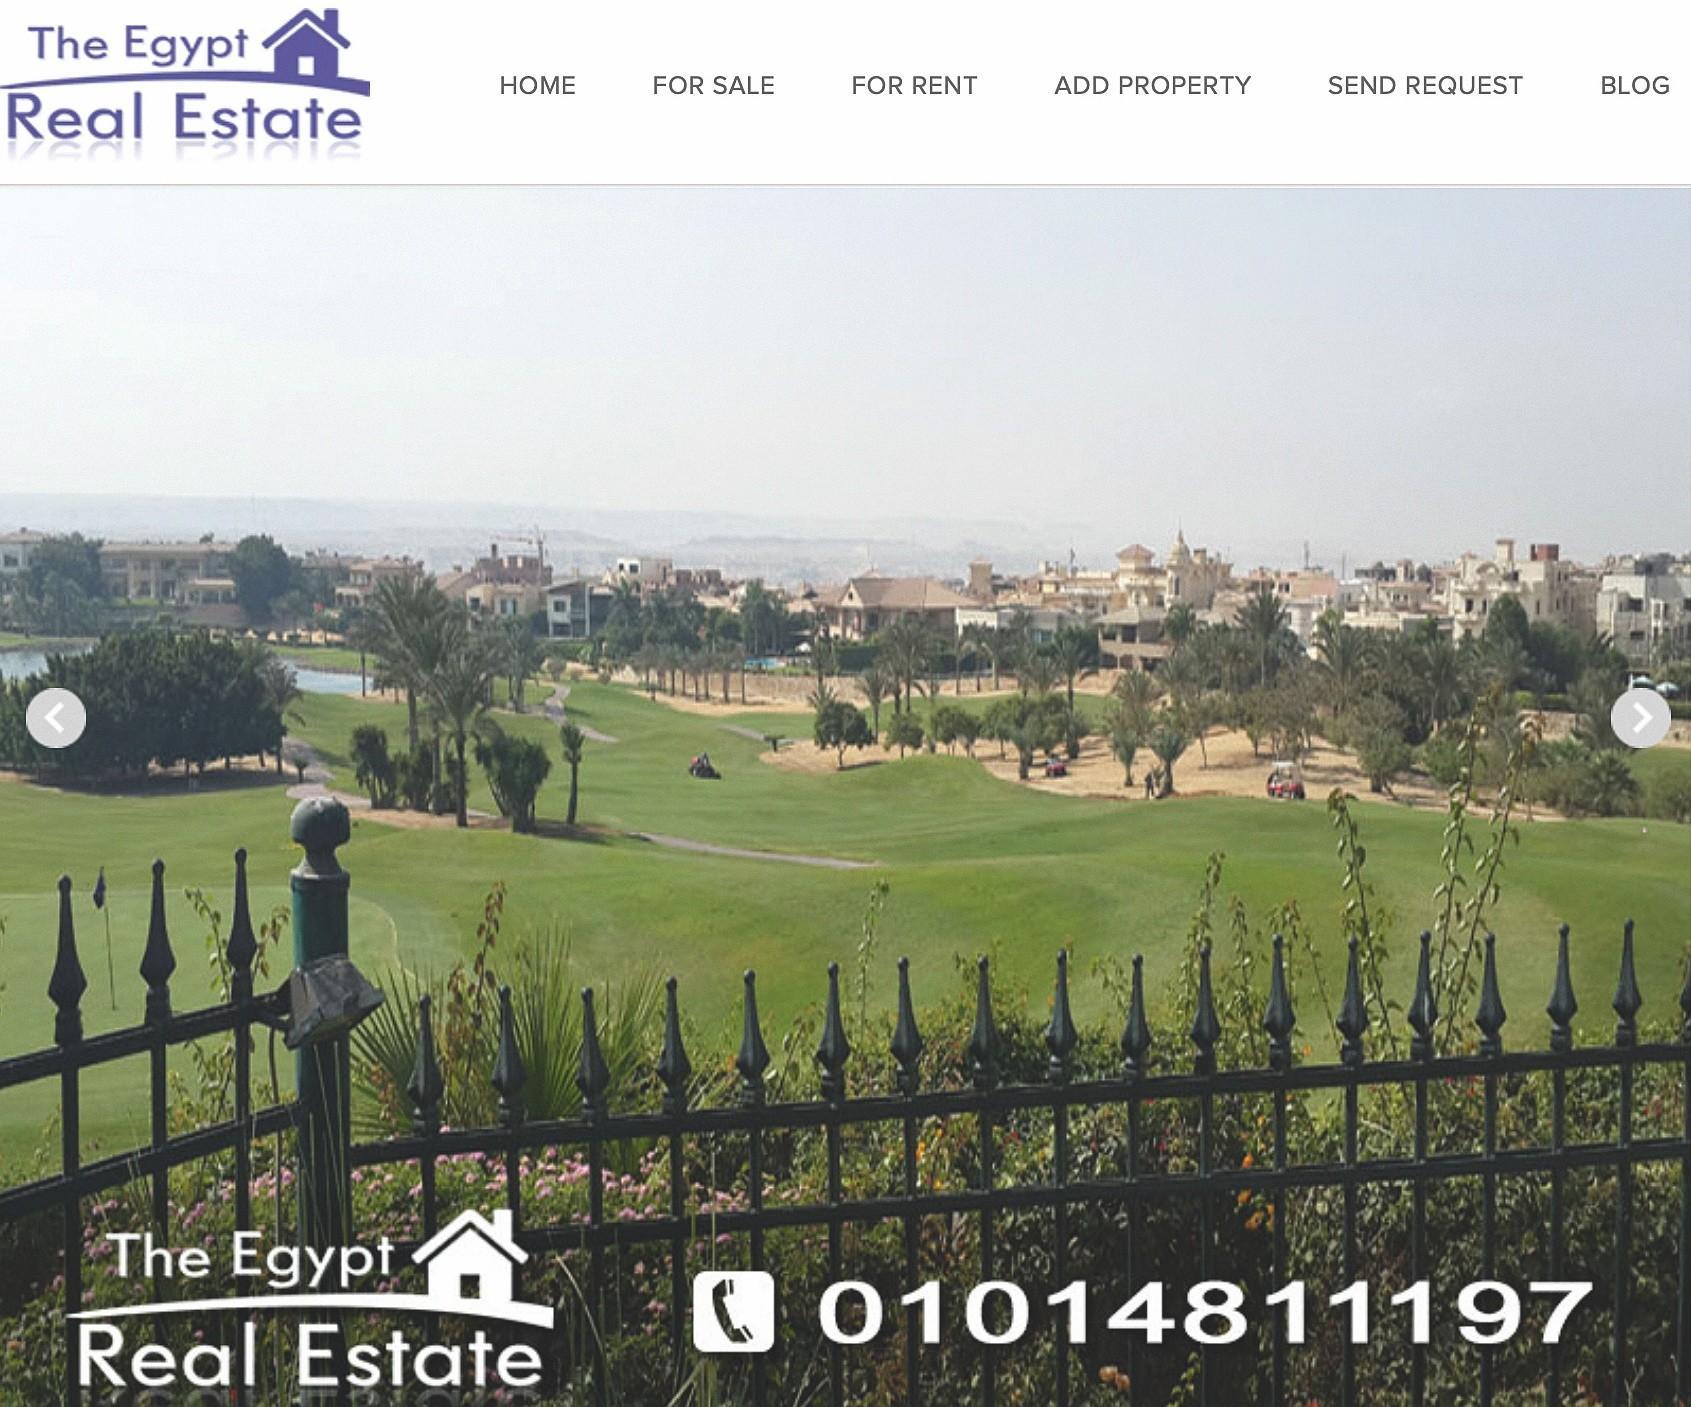 Publicité pour un quartier fermé du Caire